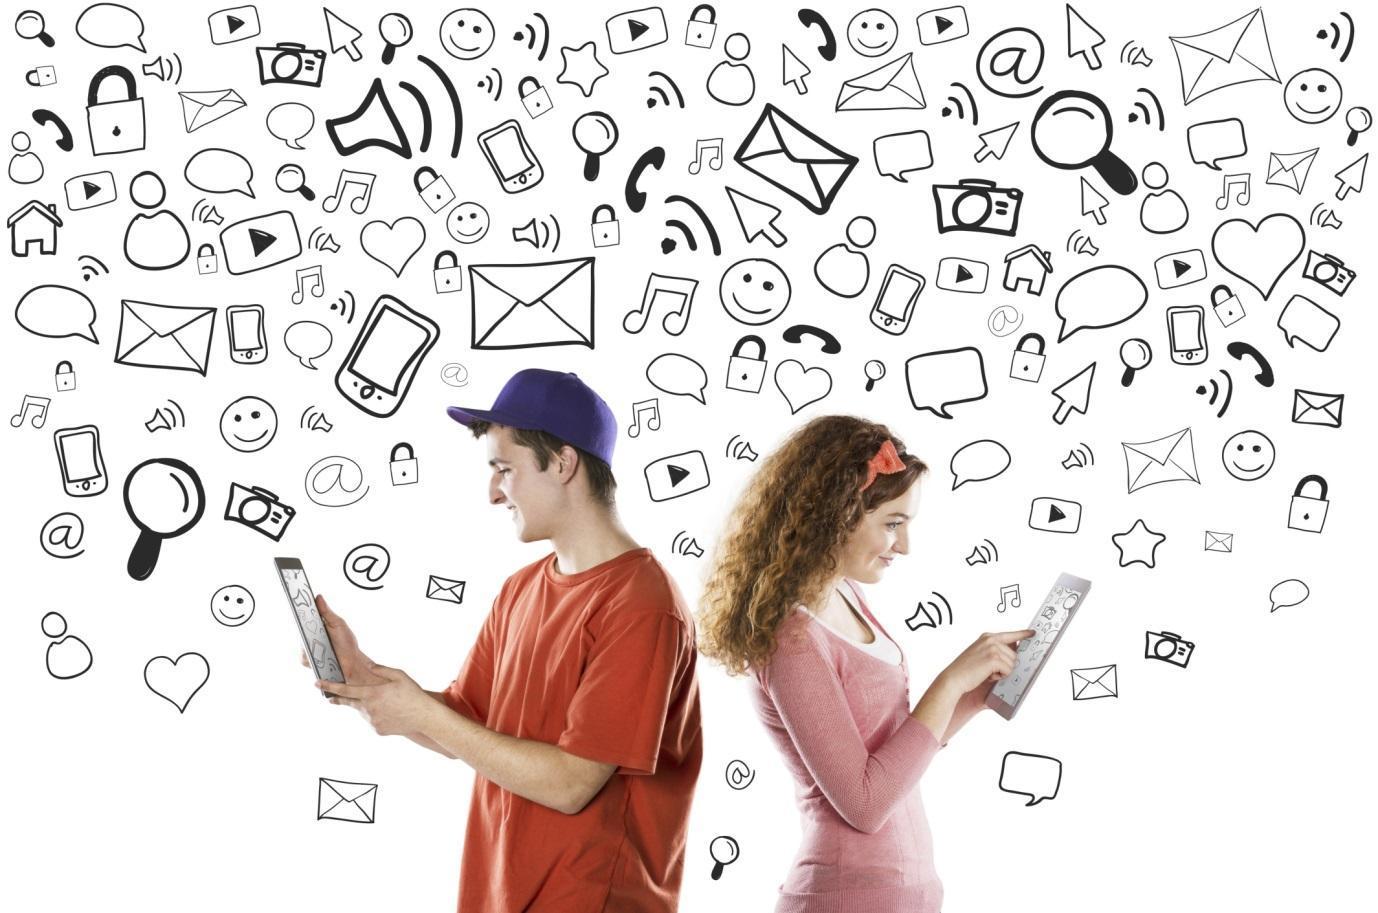 Активности внутри социальных сетей